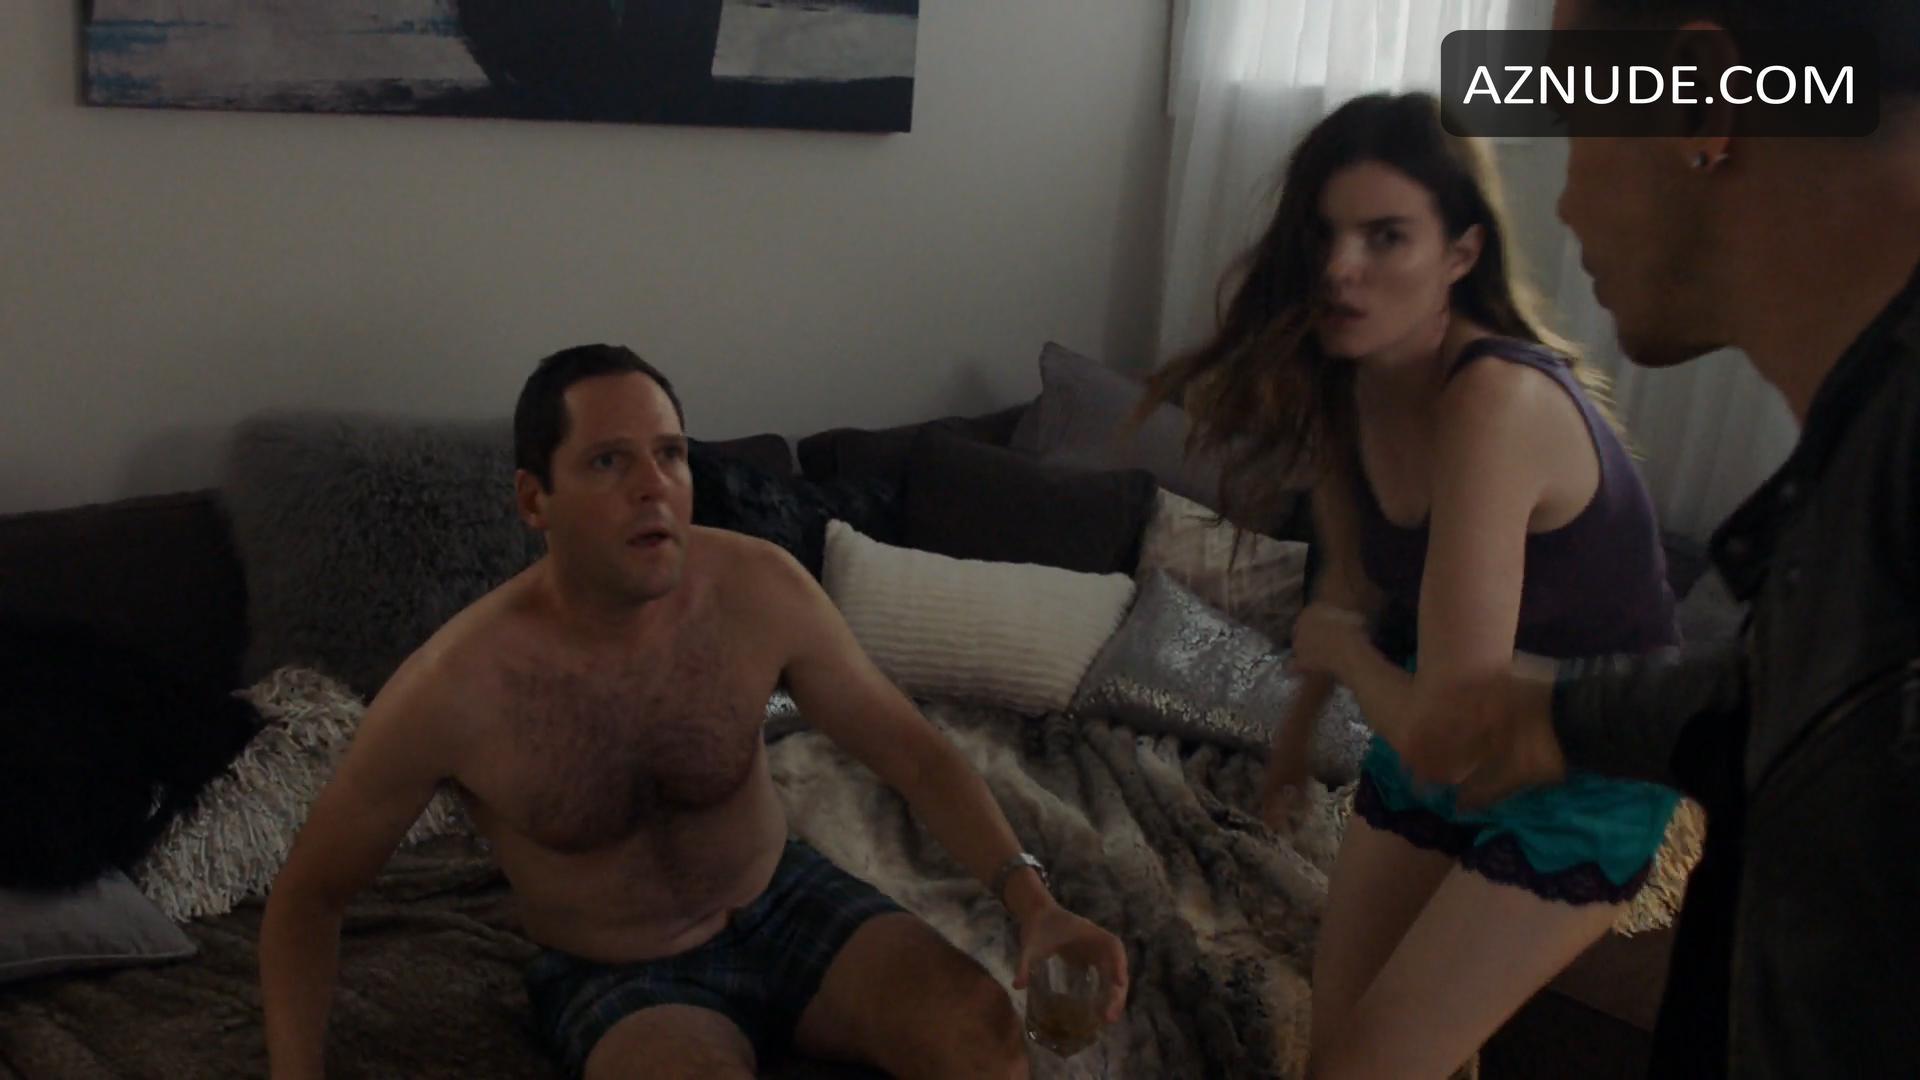 Hot porno No signup shemale cams